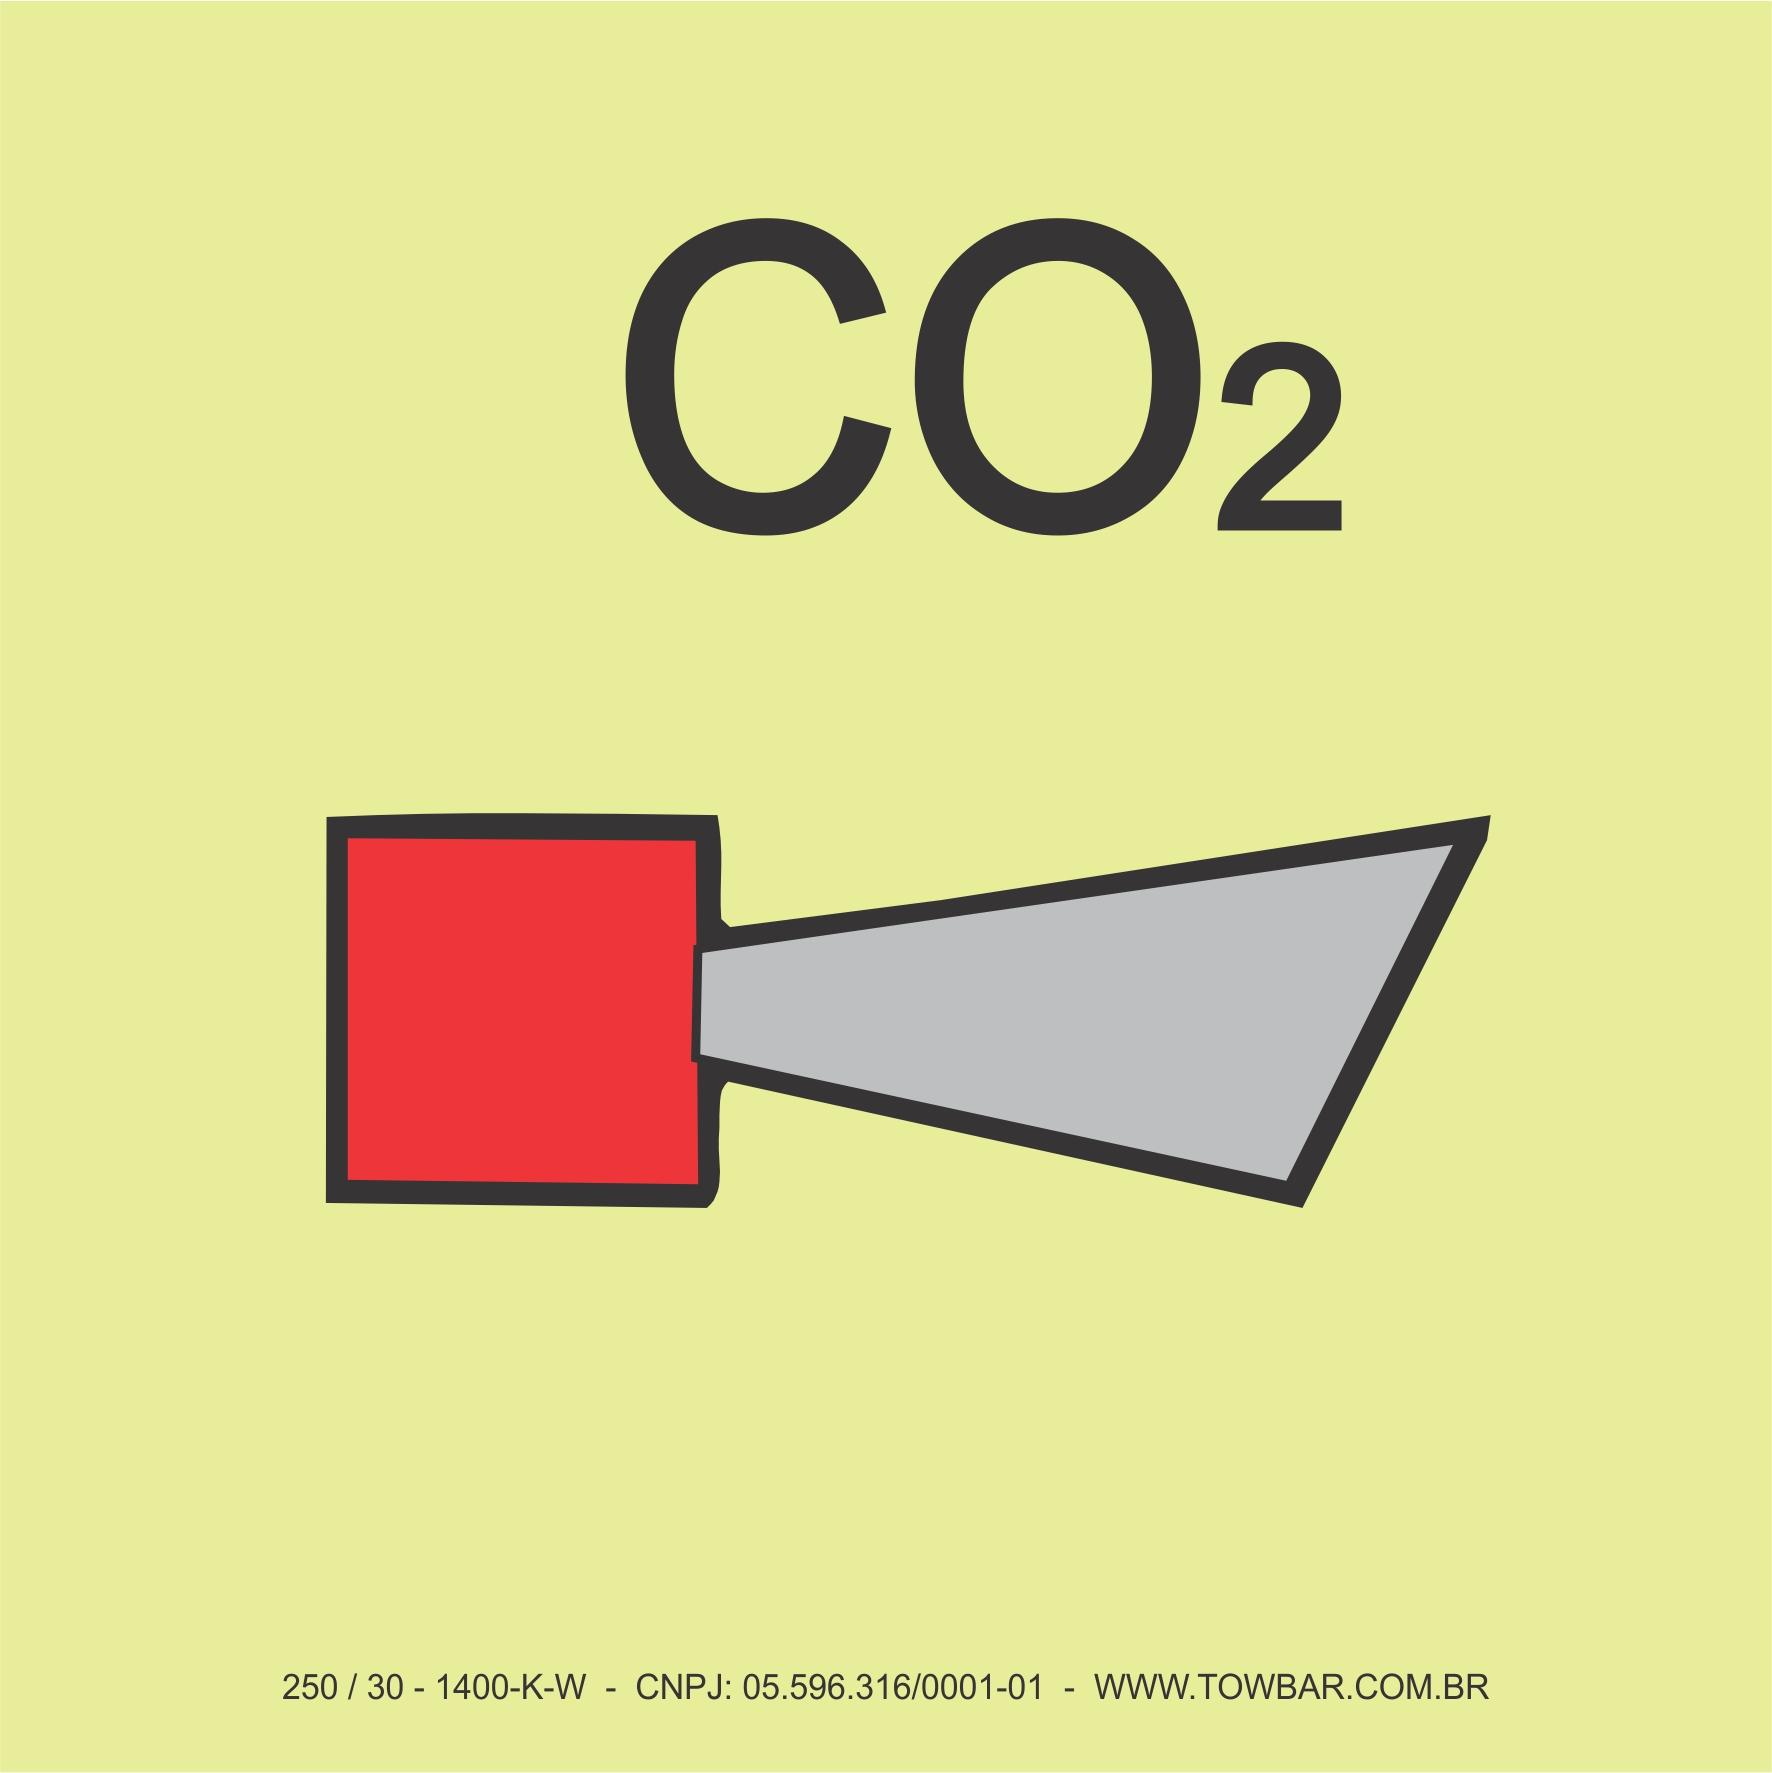 Sirene de CO² (CO2 Horn)  - Towbar Sinalização de Segurança